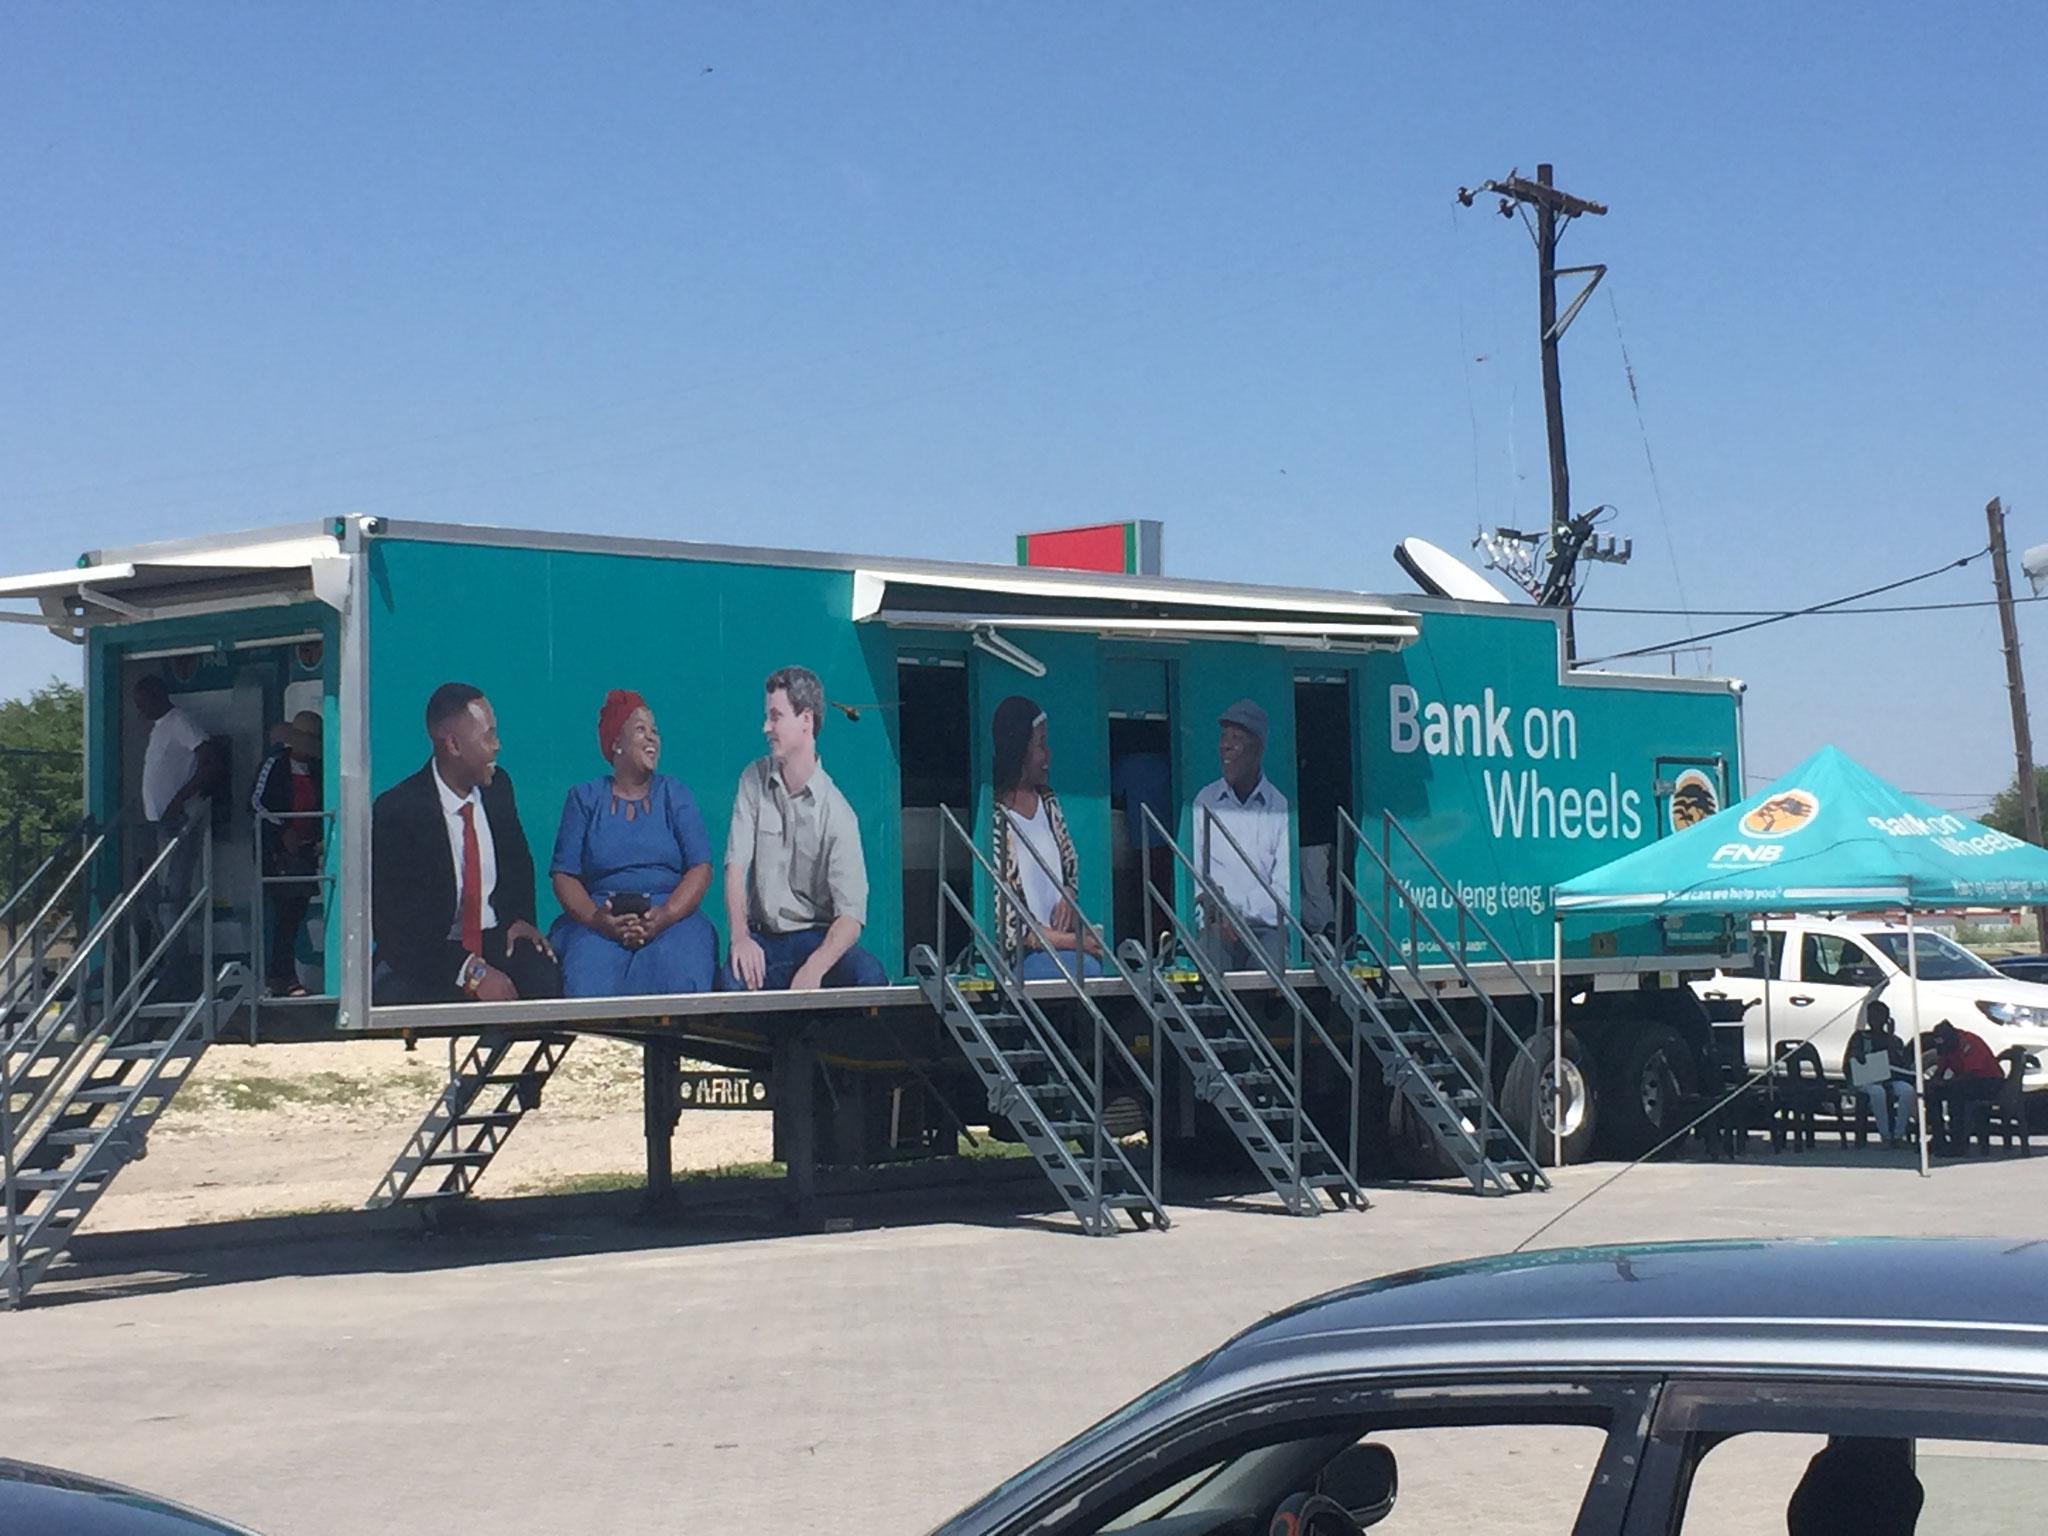 Unterwegs fahrbare Bankfiliale